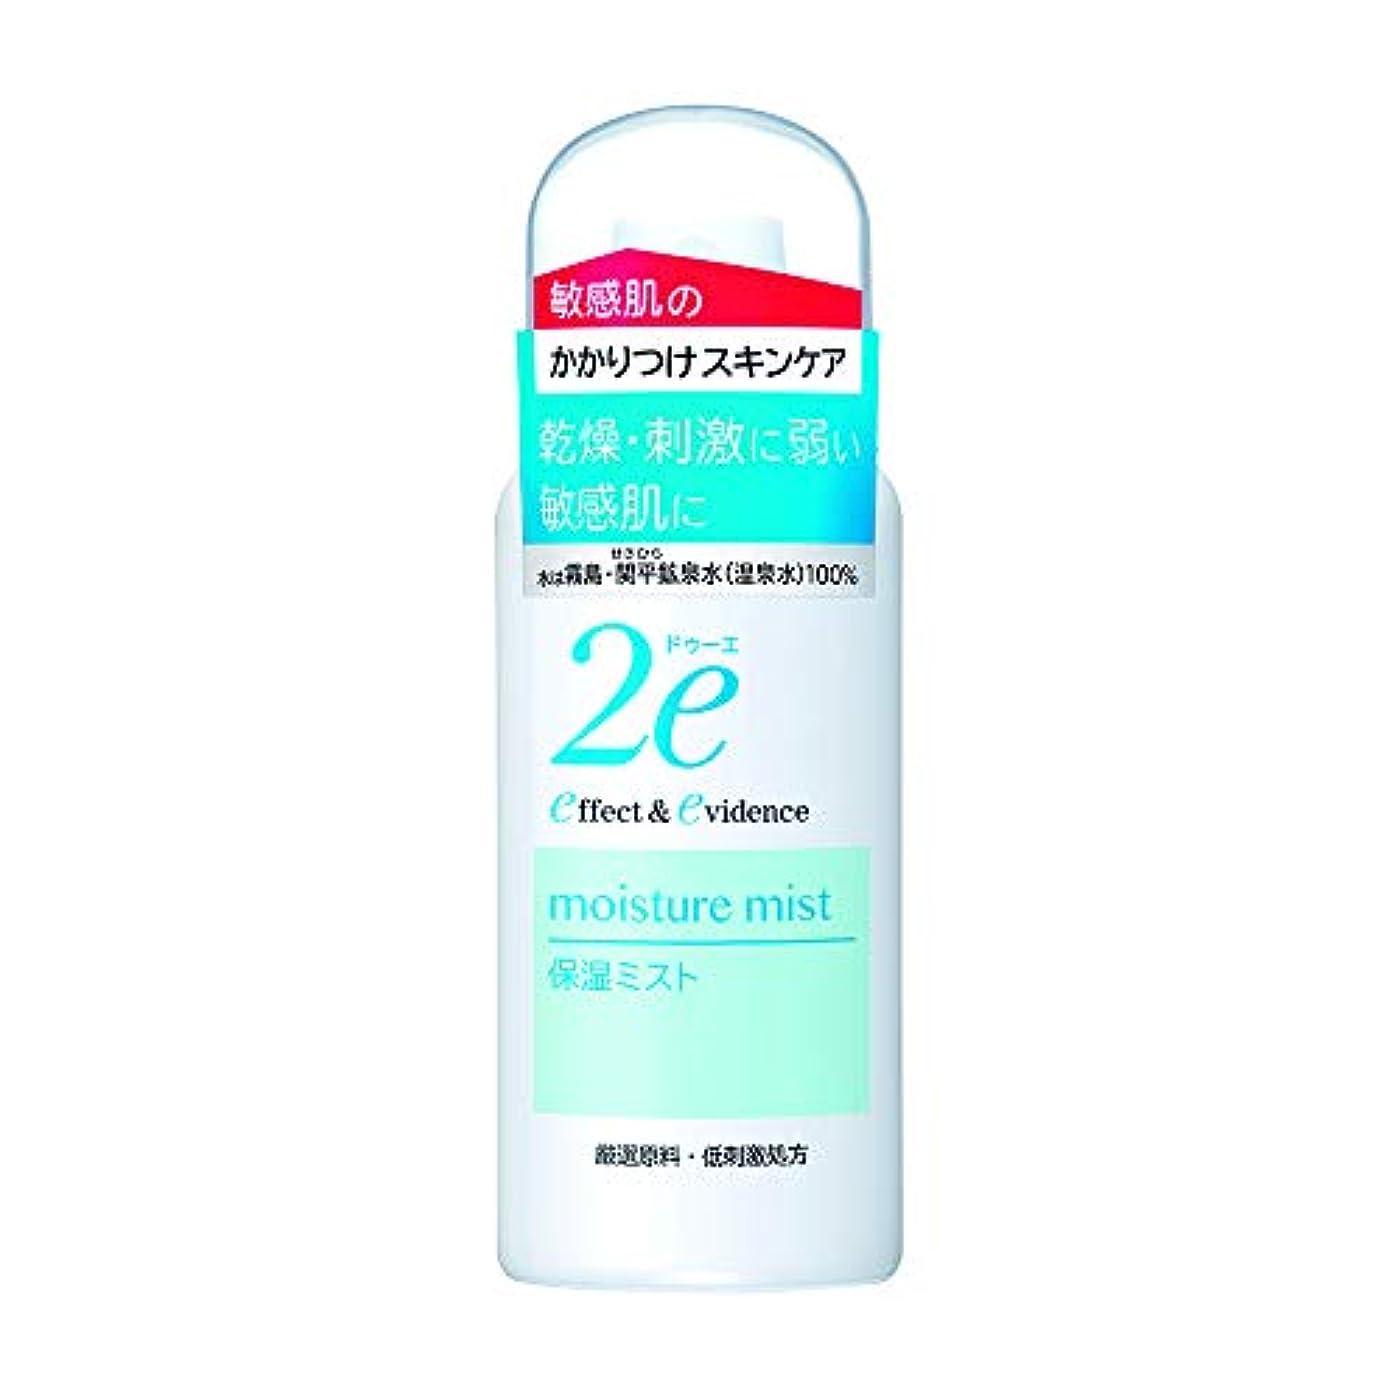 危険にさらされている荒れ地不屈2e(ドゥーエ) 保湿ミスト 携帯用 敏感肌用化粧水 スプレータイプ 低刺激処方 50g